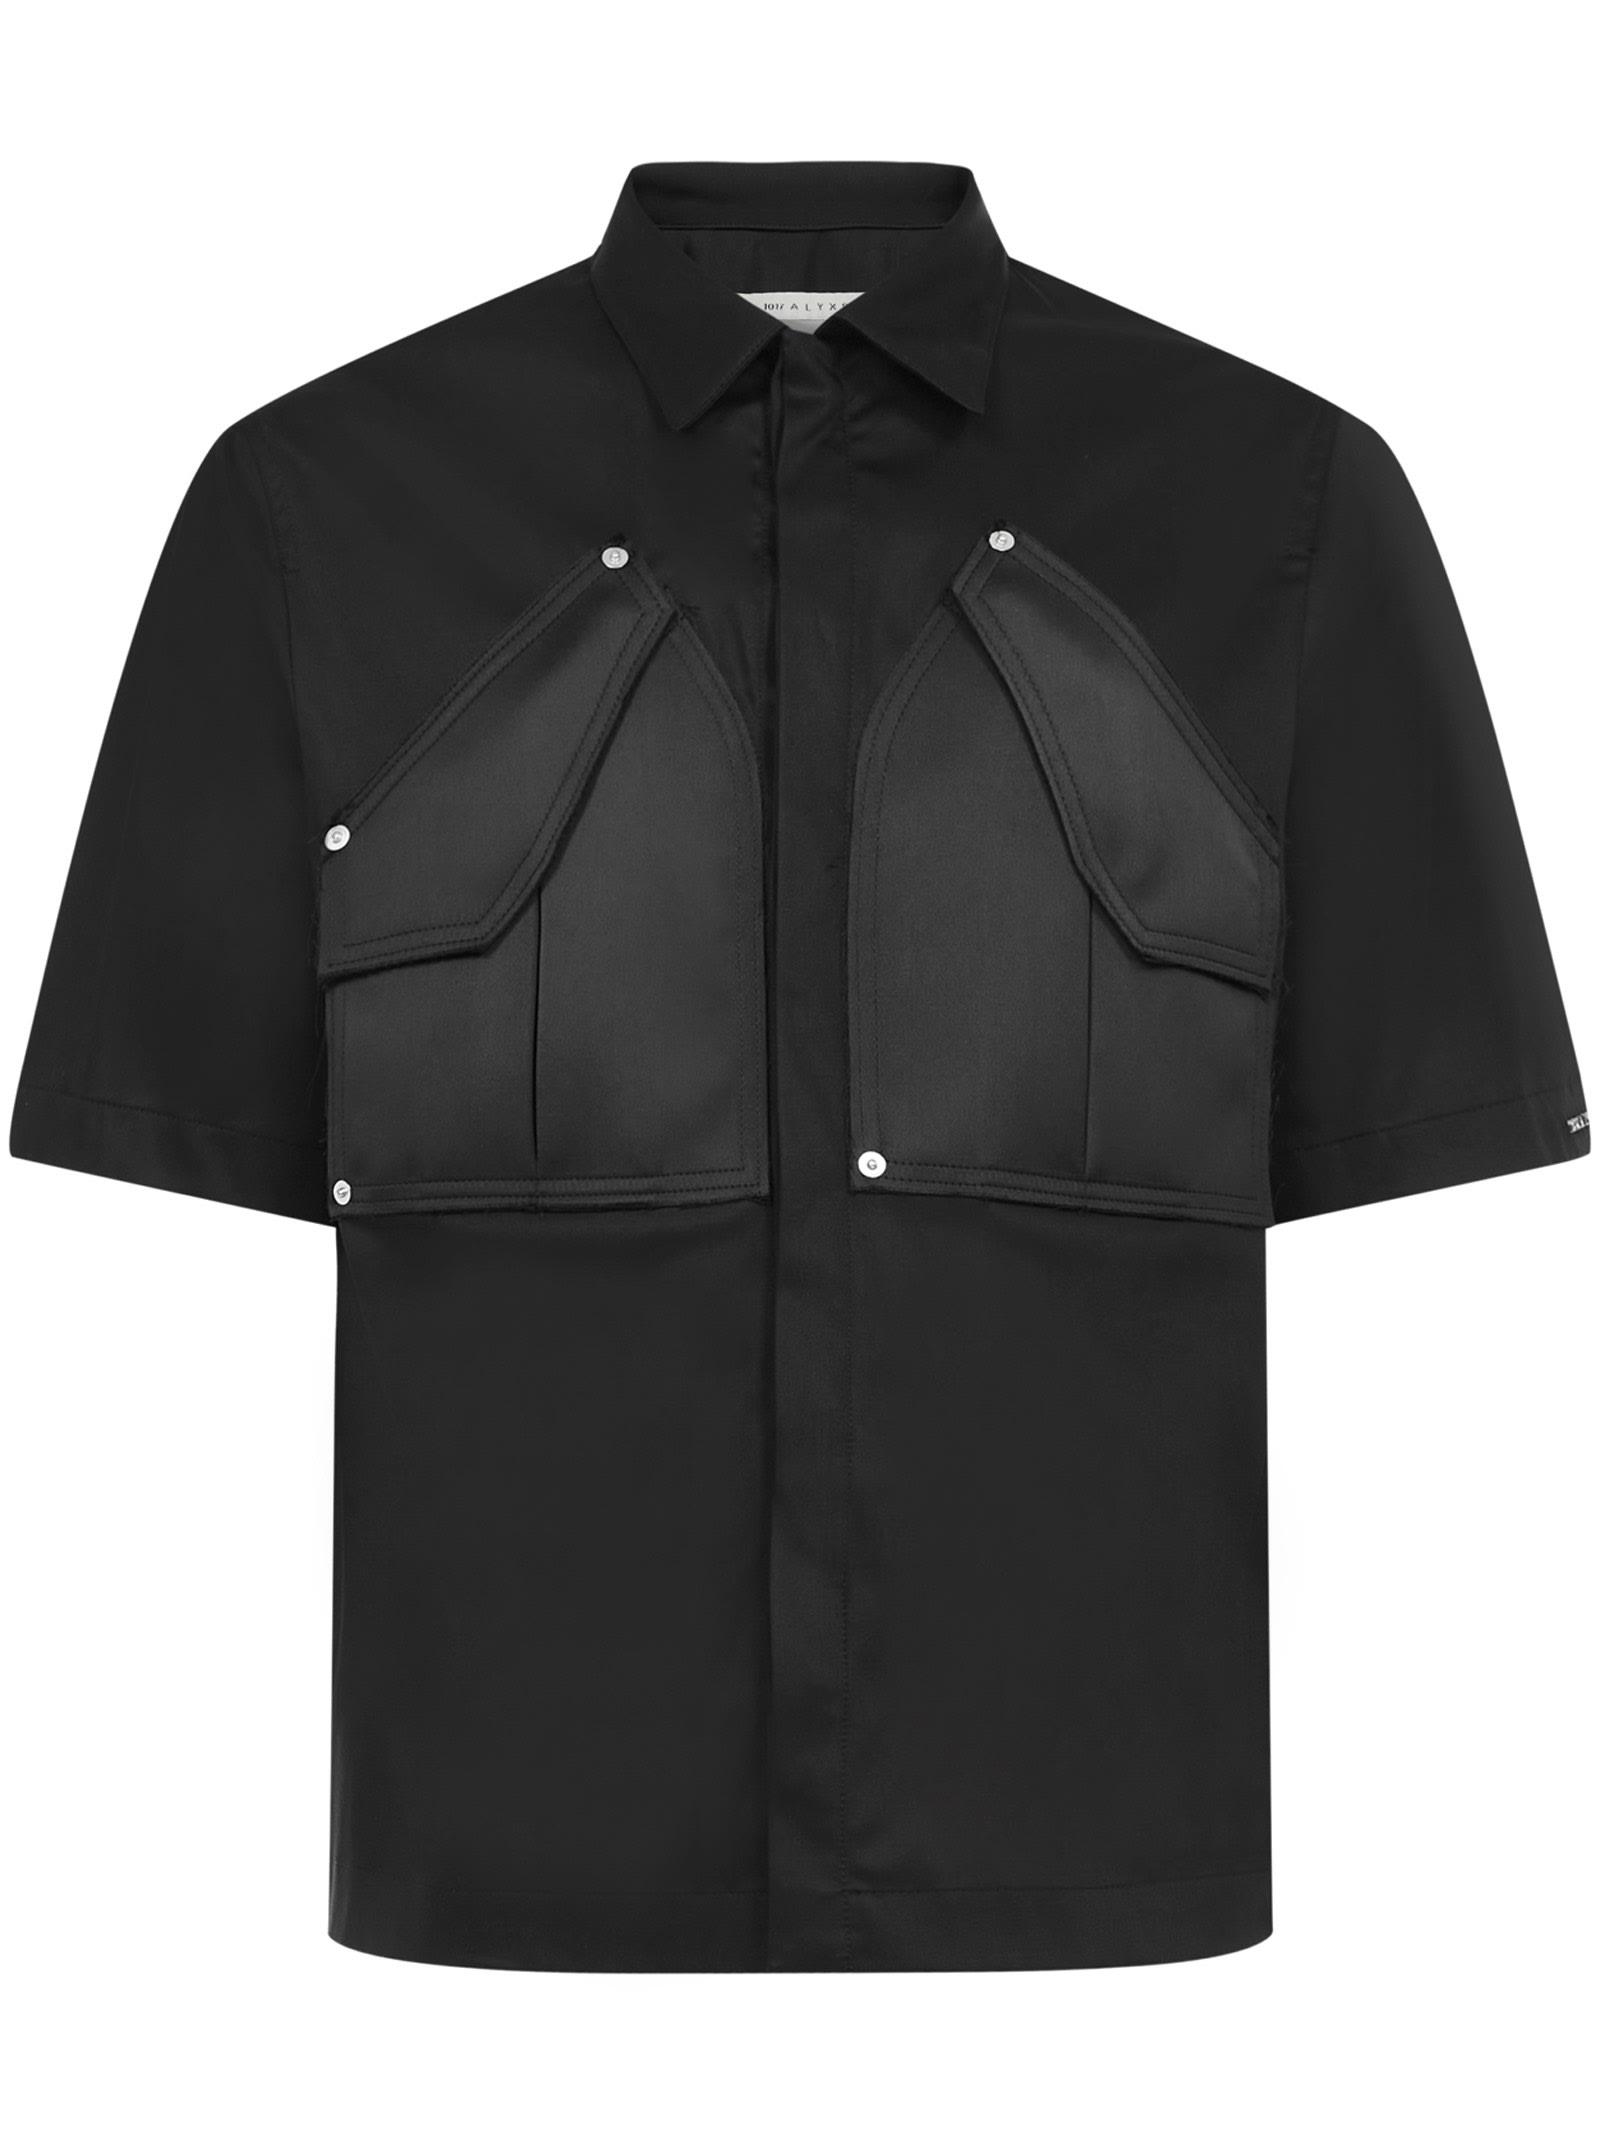 Alyx Shirts ALYX SHIRT